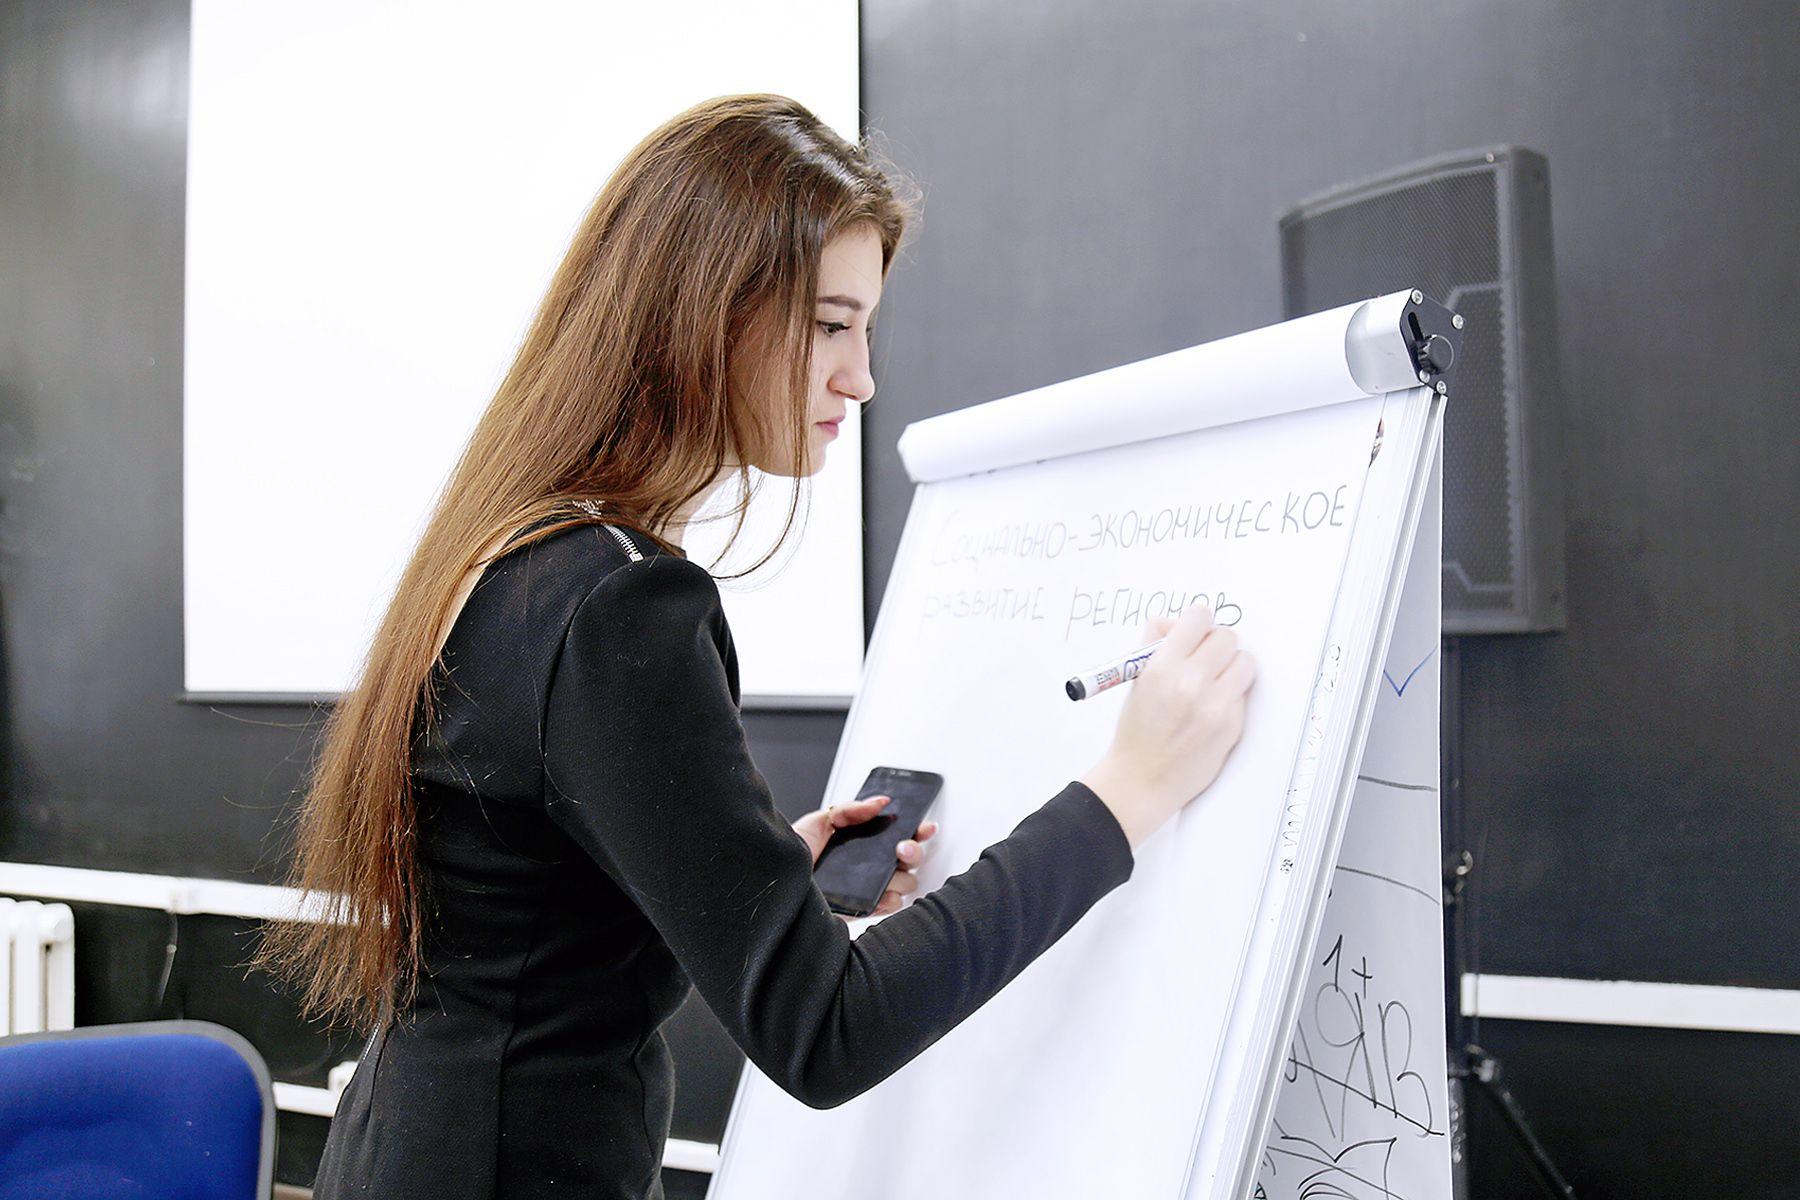 Проект студентов ВГУЭС: от изучения ведущих мировых практик до внедрения в образовательный процесс